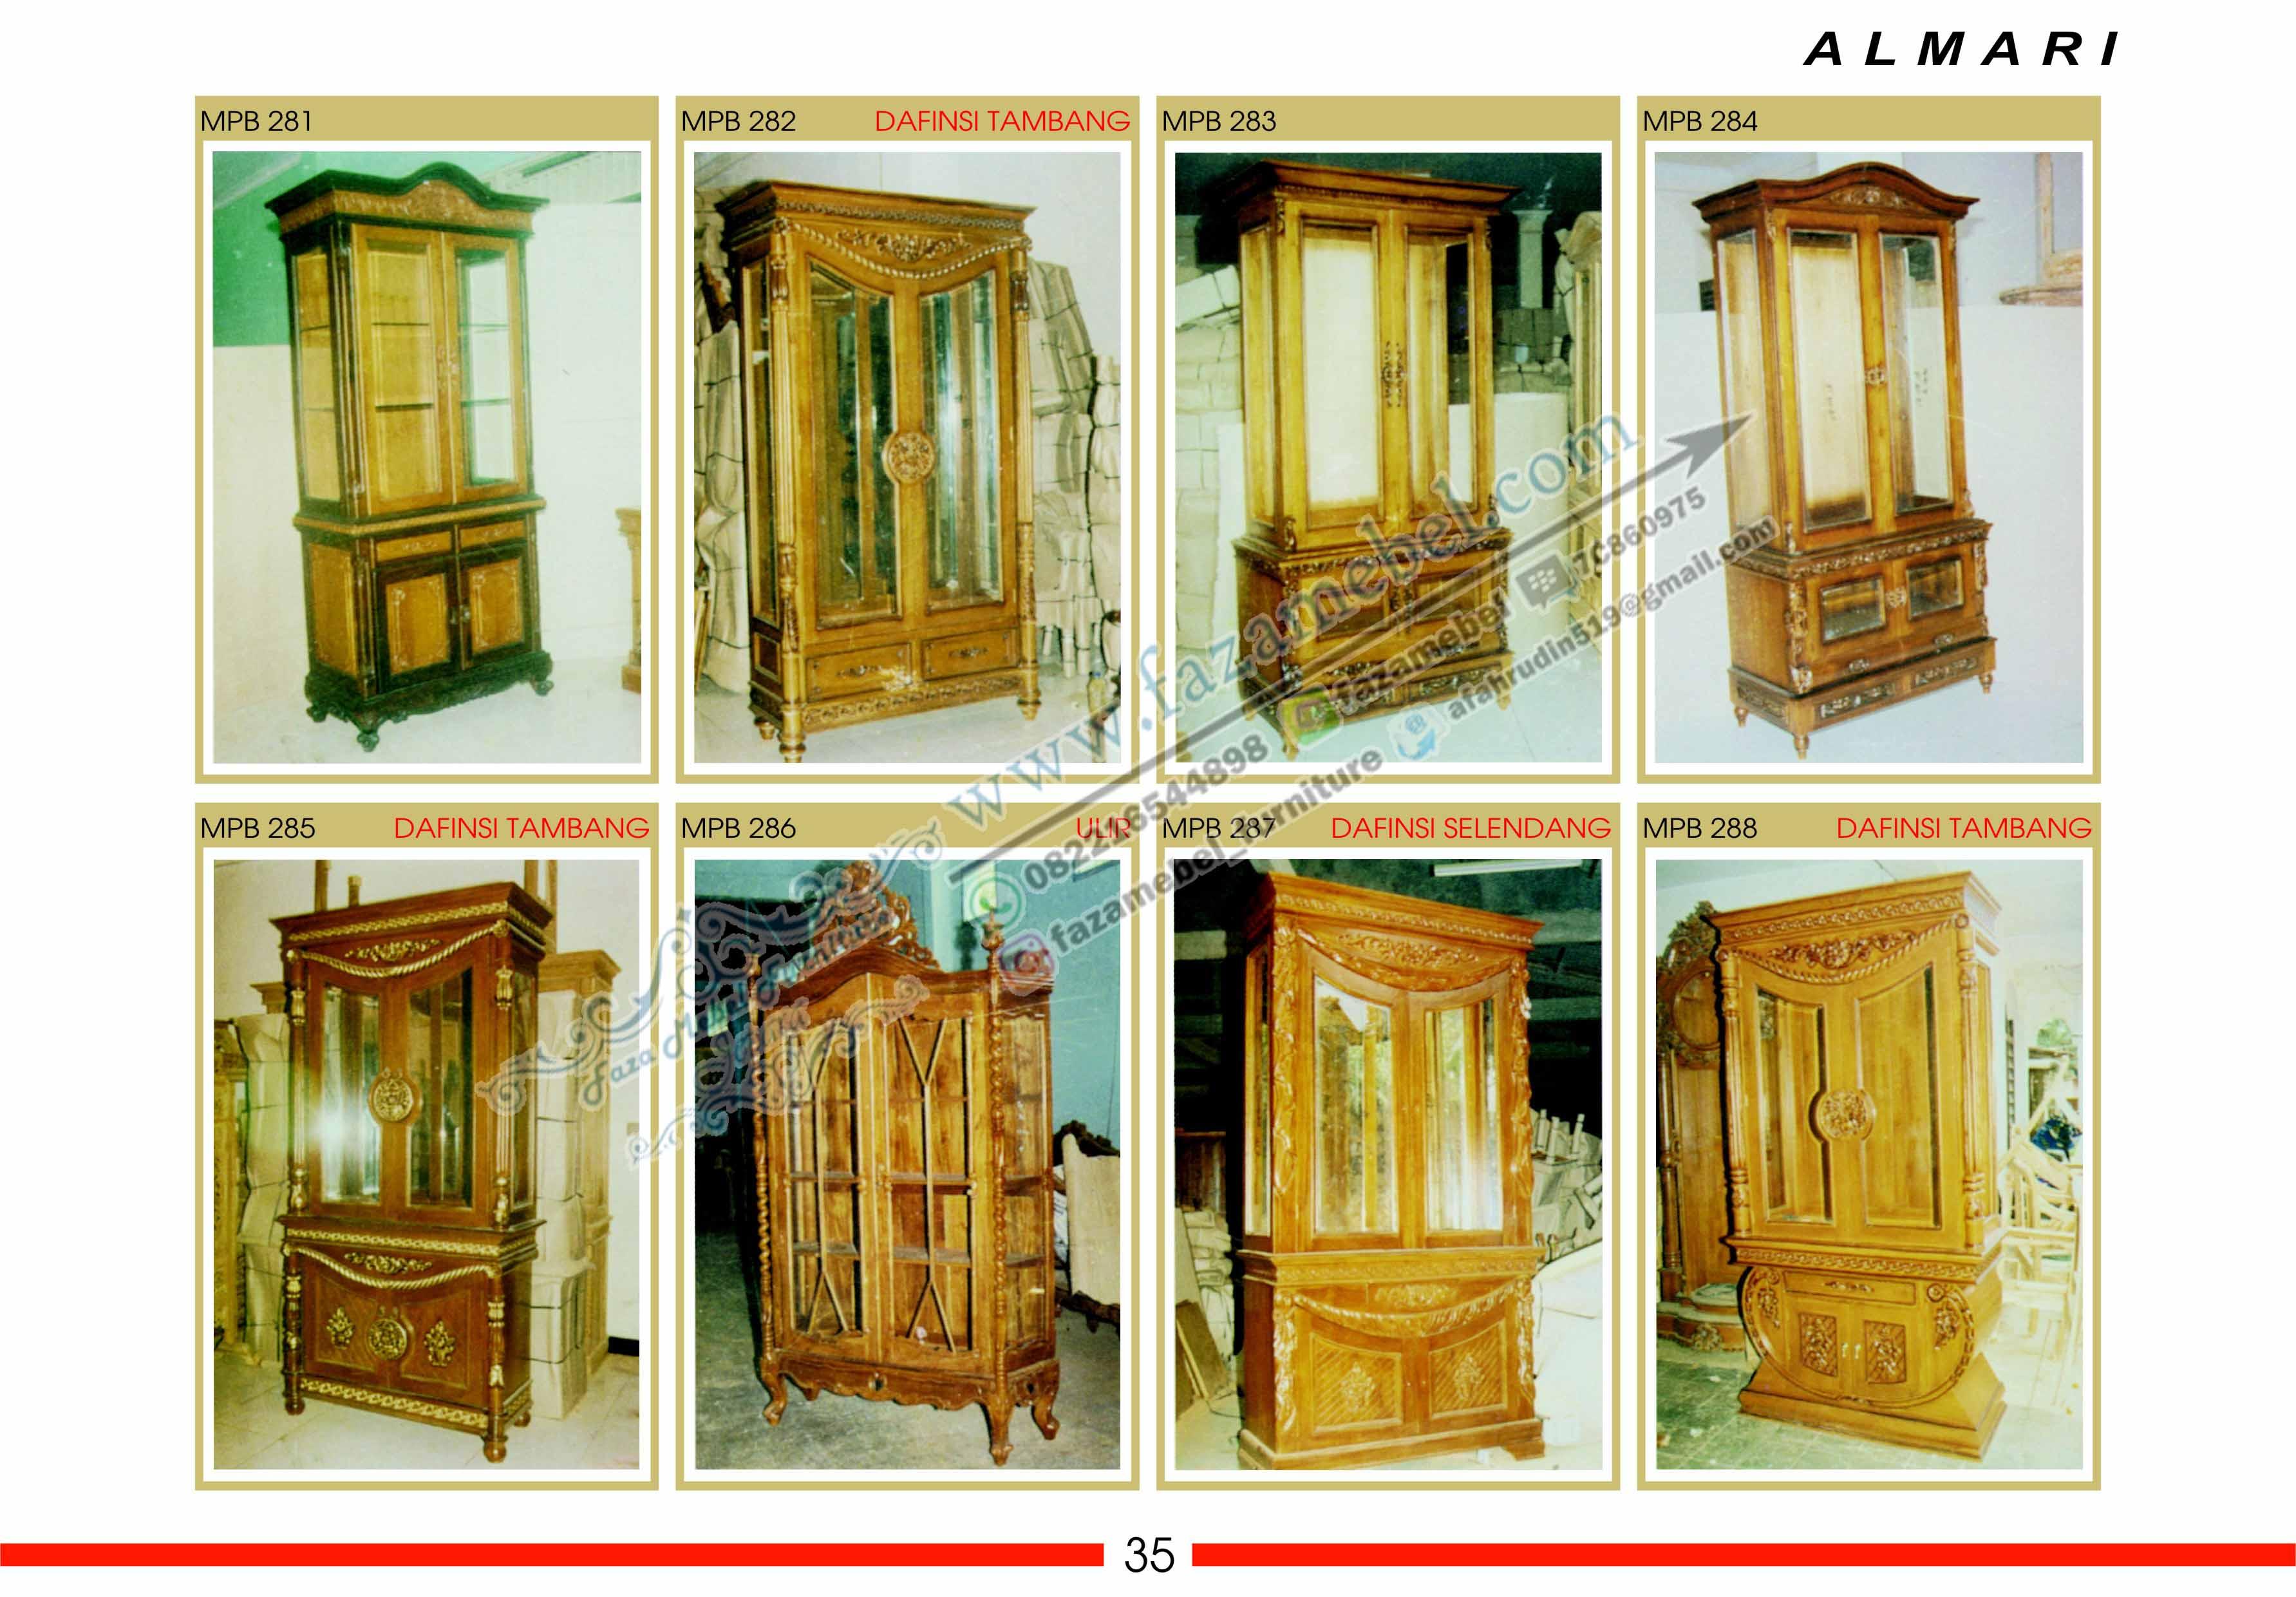 almari-jati3